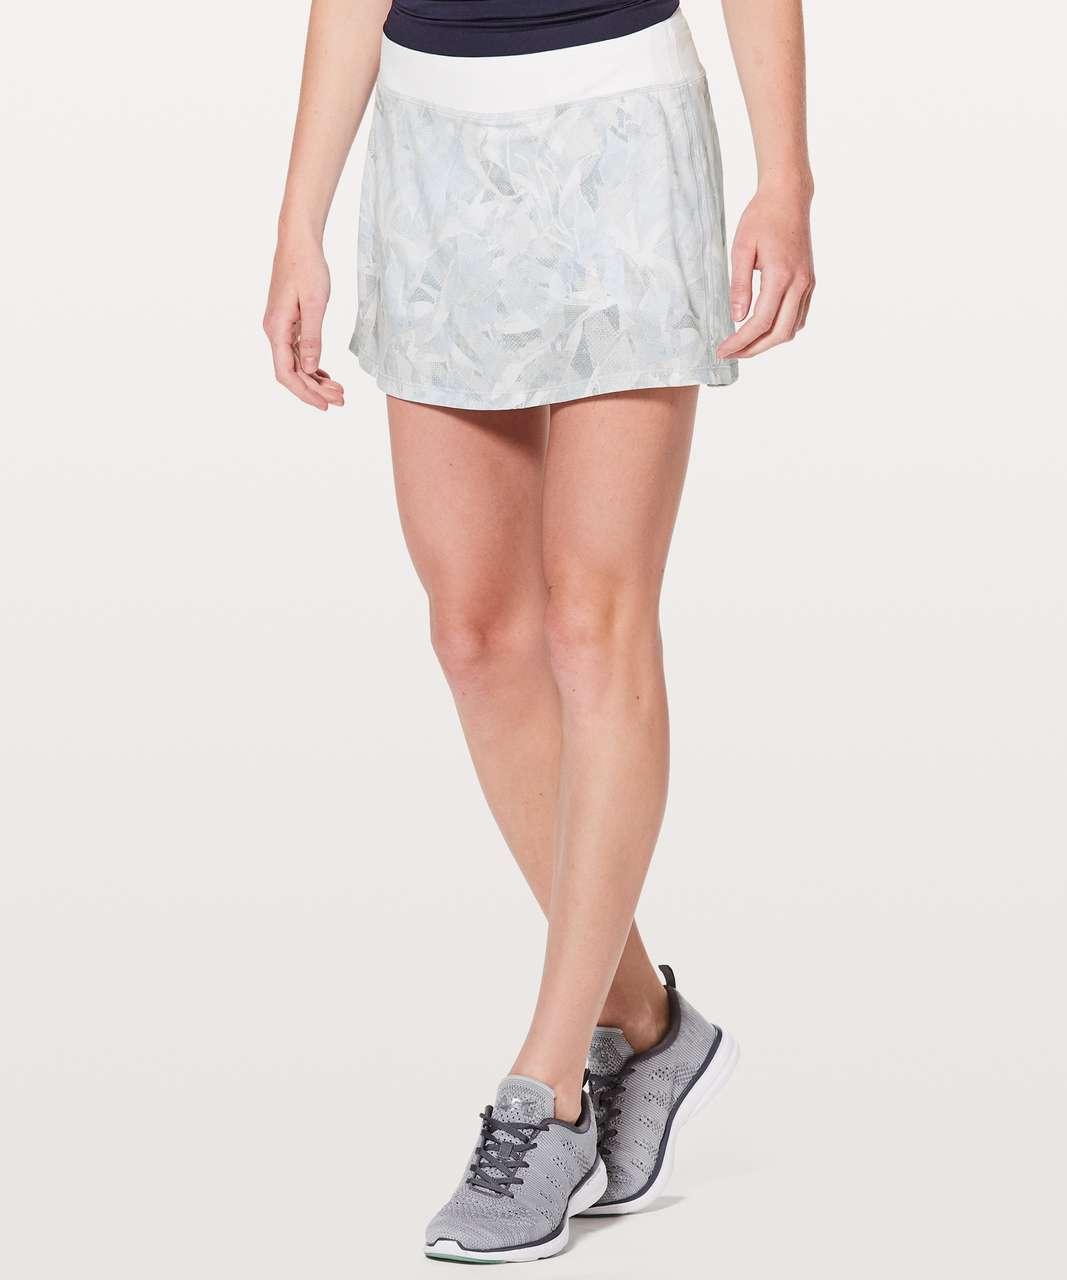 Lululemon Pace Rival Skirt (Tall) *No Panels - Jasmine White Multi / White